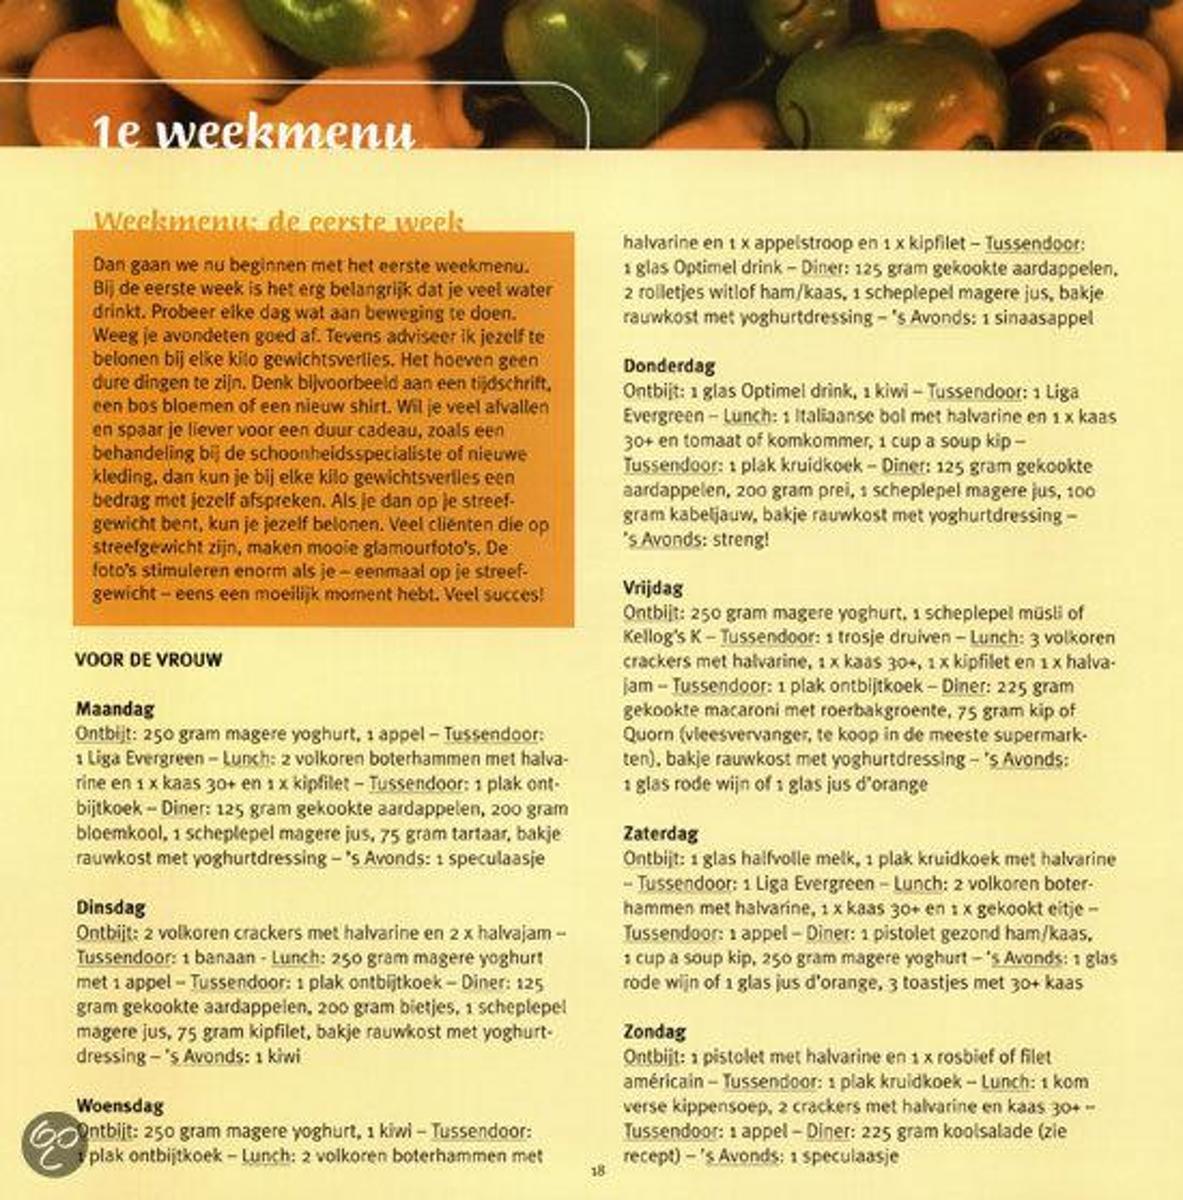 magere recepten sonja bakker